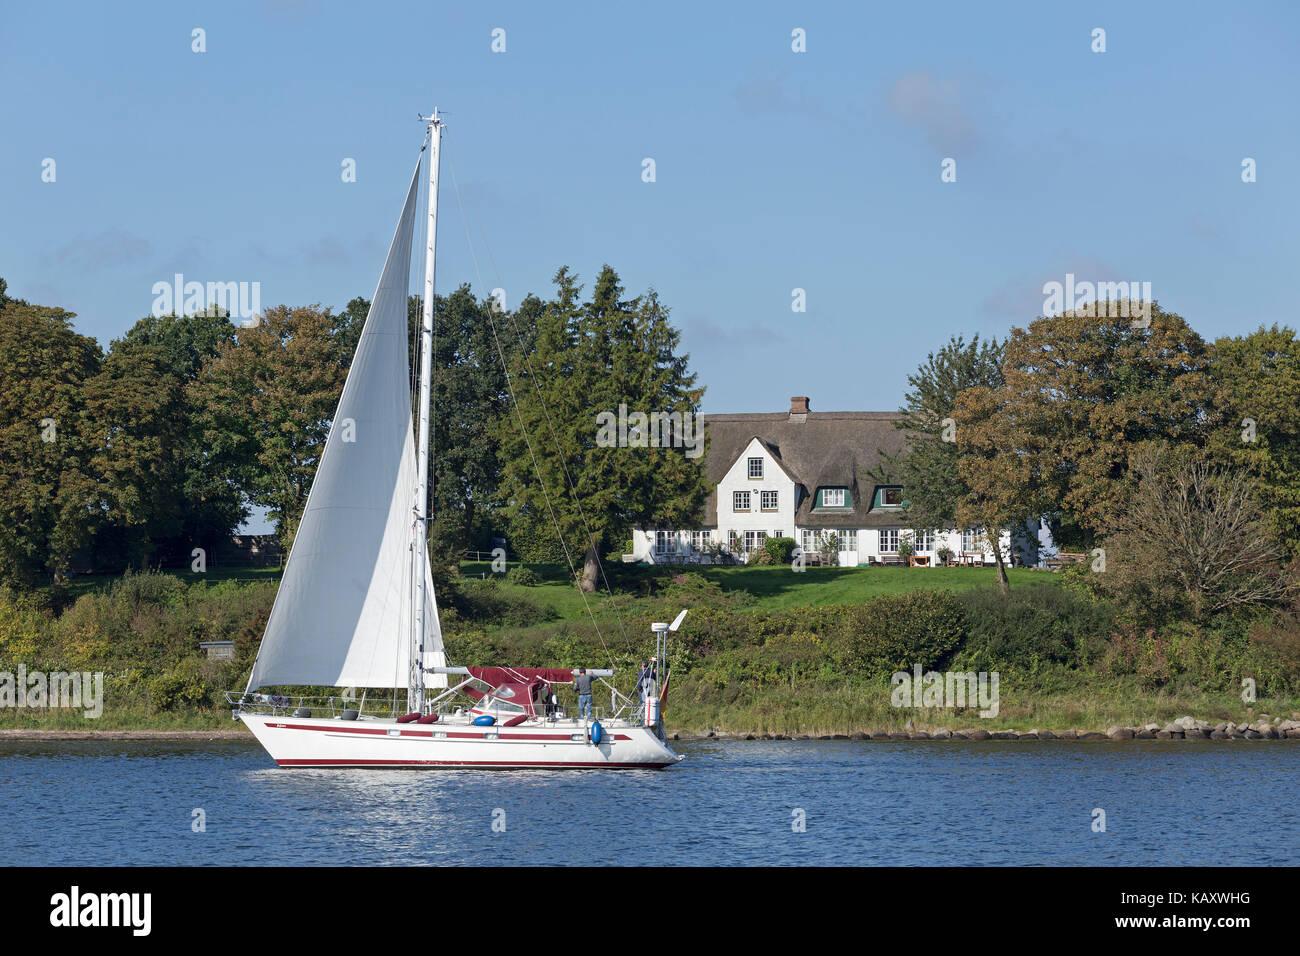 Velero, Rabelsund, Schlei, Schleswig-Holstein, Alemania Imagen De Stock